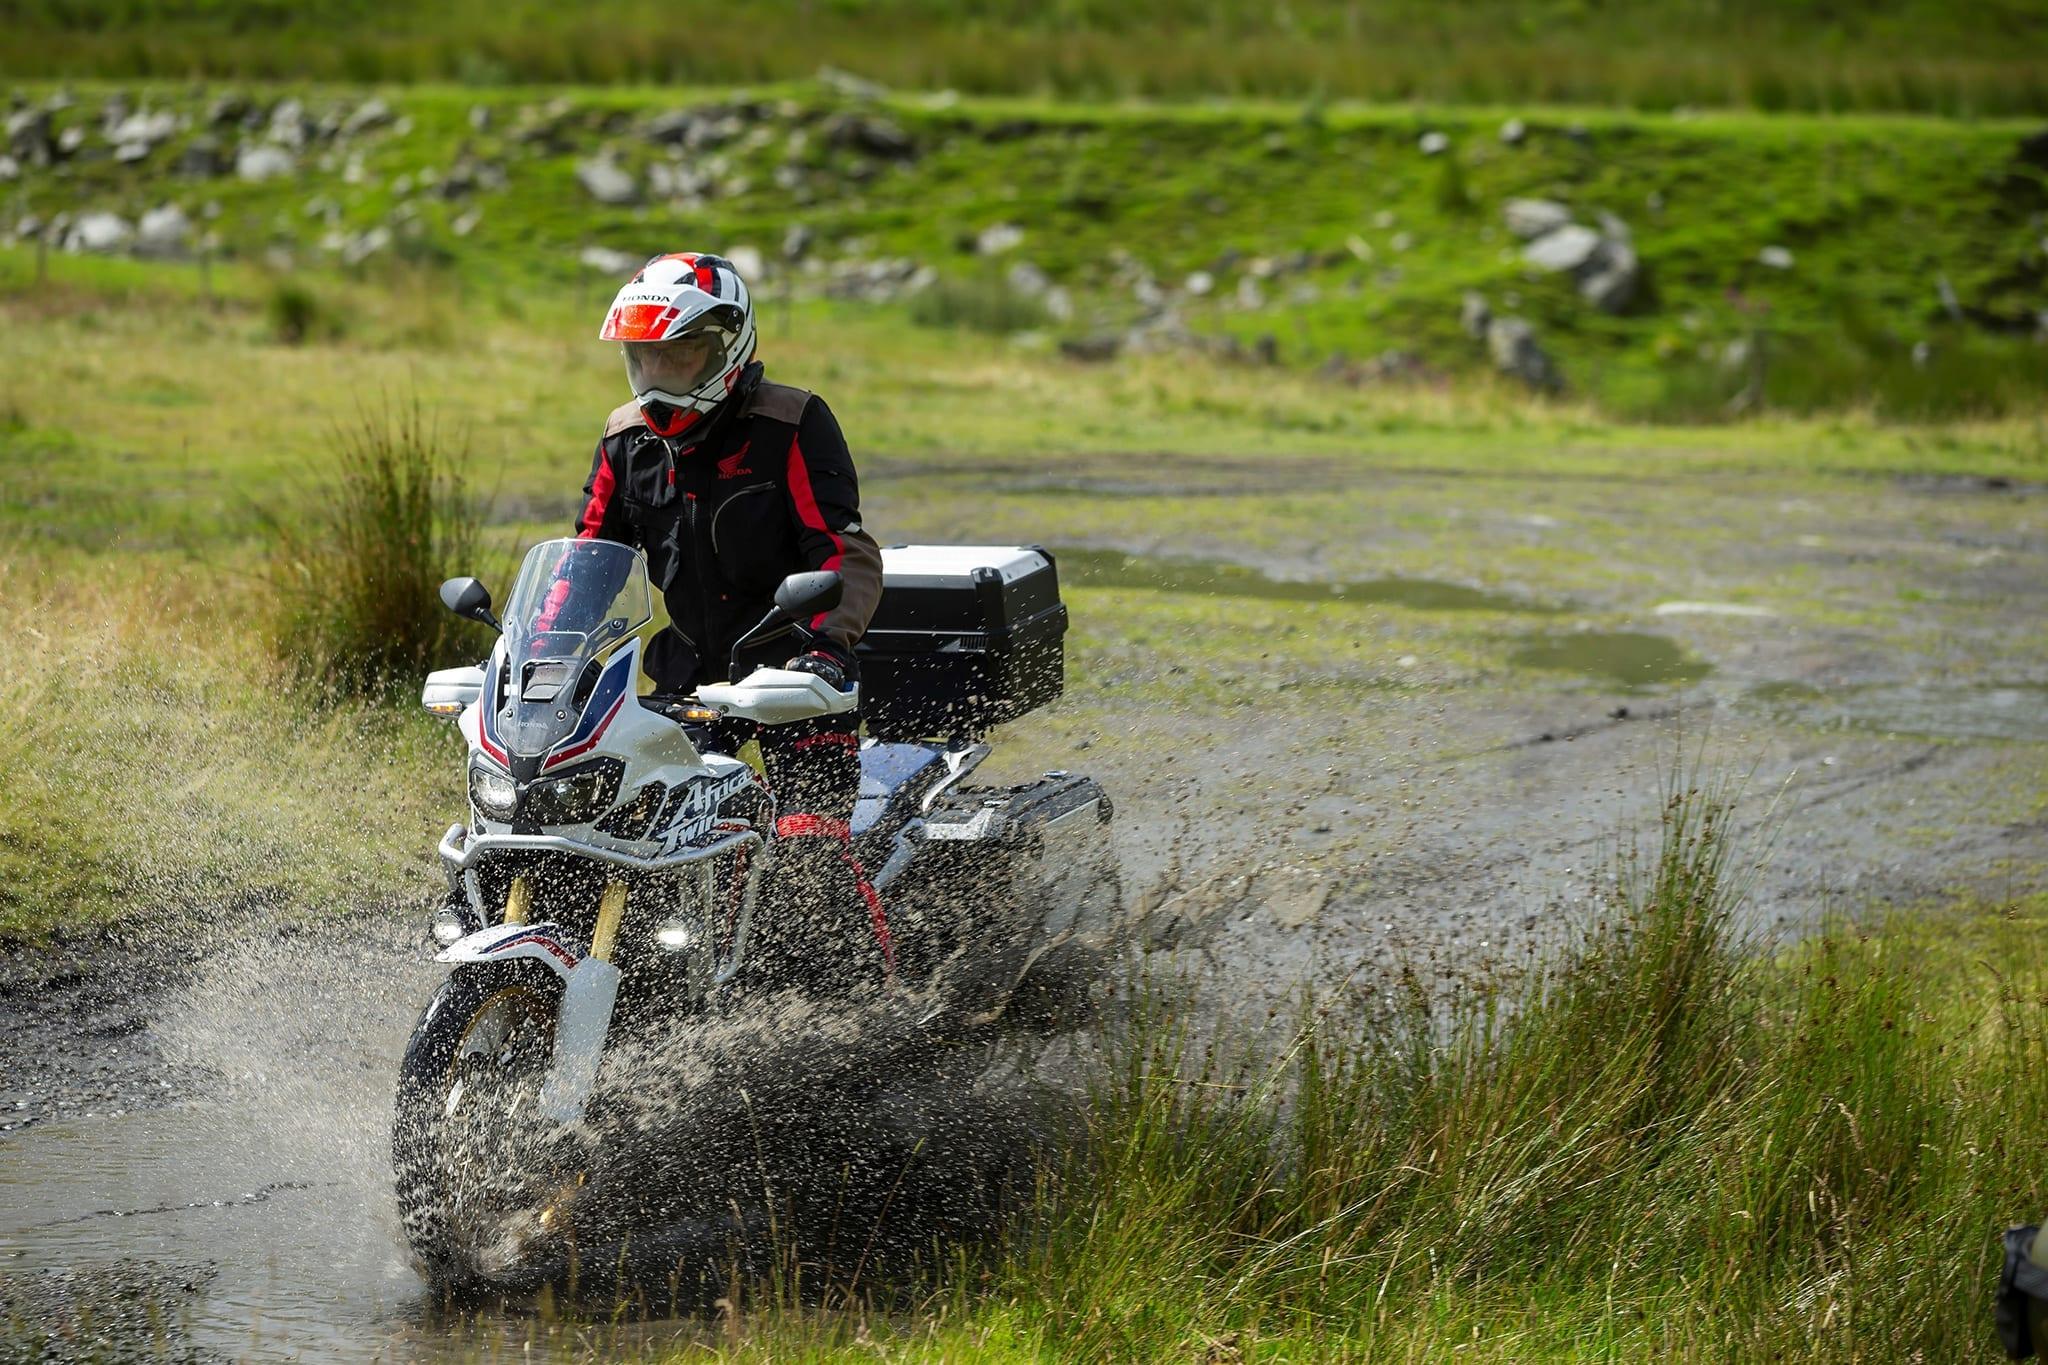 Honda Africa Twin Adventure Sports sur un chemin boueux pendant un raid moto Baltica en Russie, juillet 2021